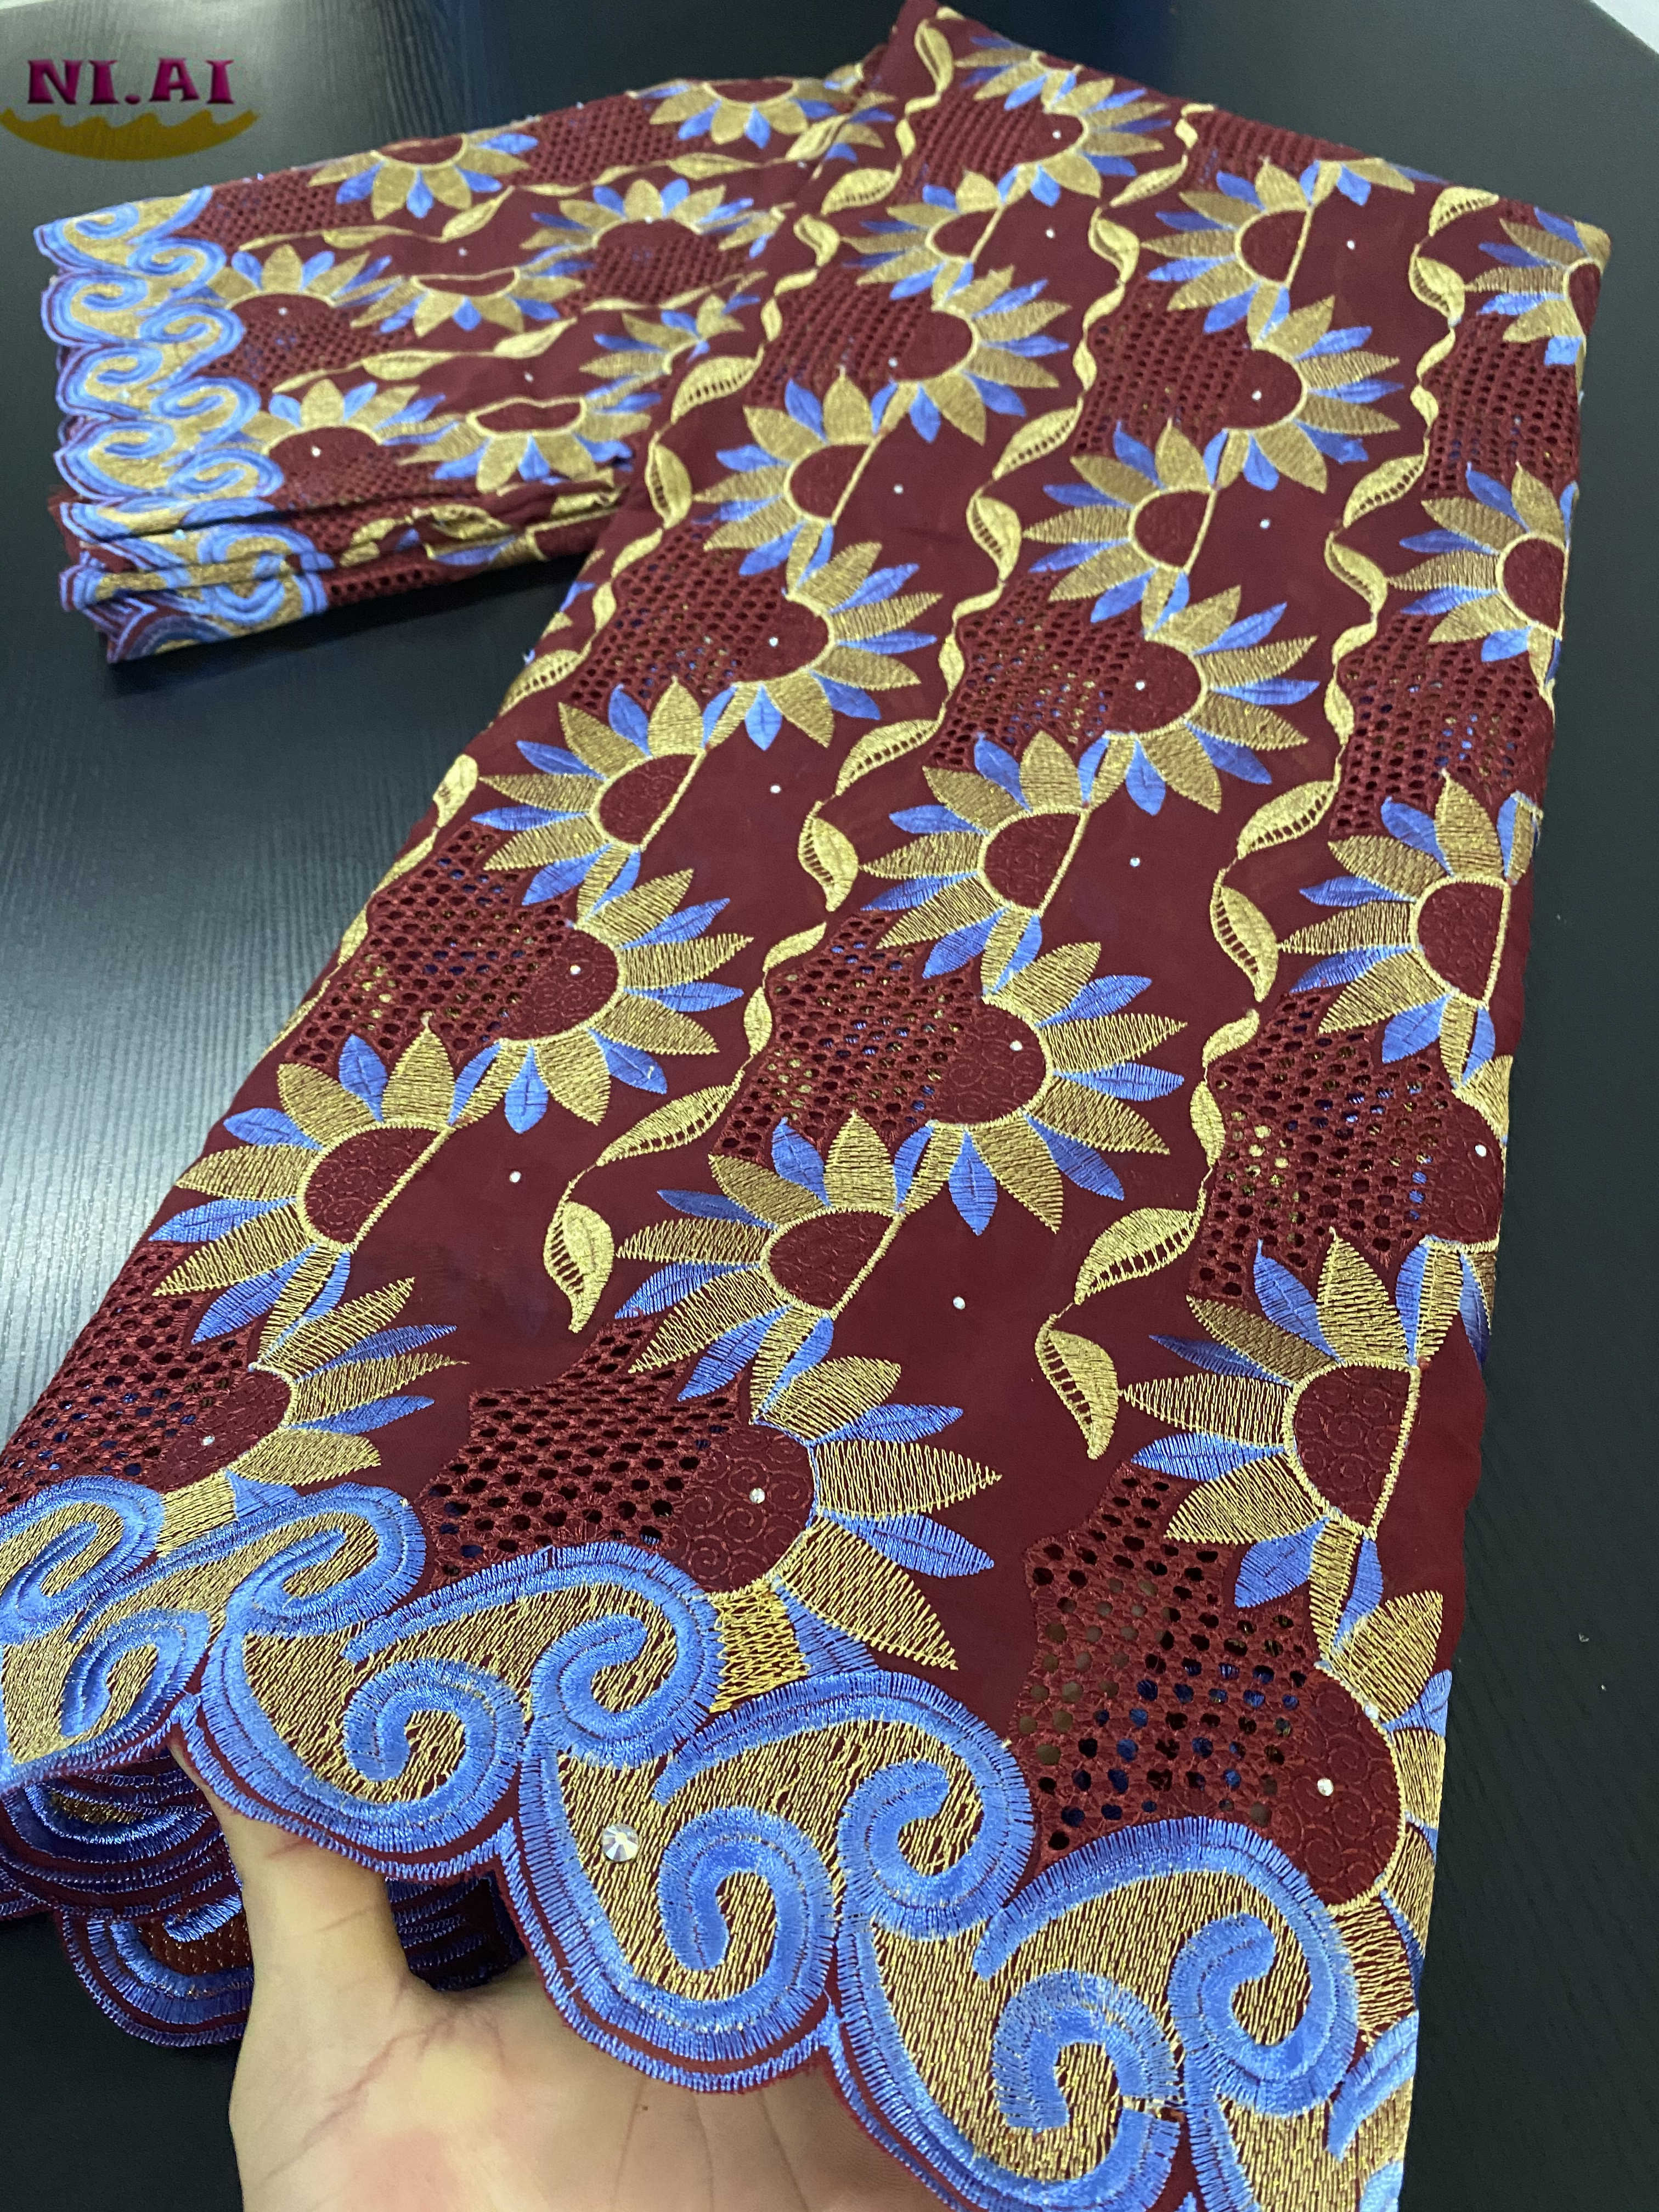 NIAI, 100% africana, tela de encaje de algodón, el último encaje de gasa suizo en Suiza con piedras para XY3377B-2 de costura de vestido de boda